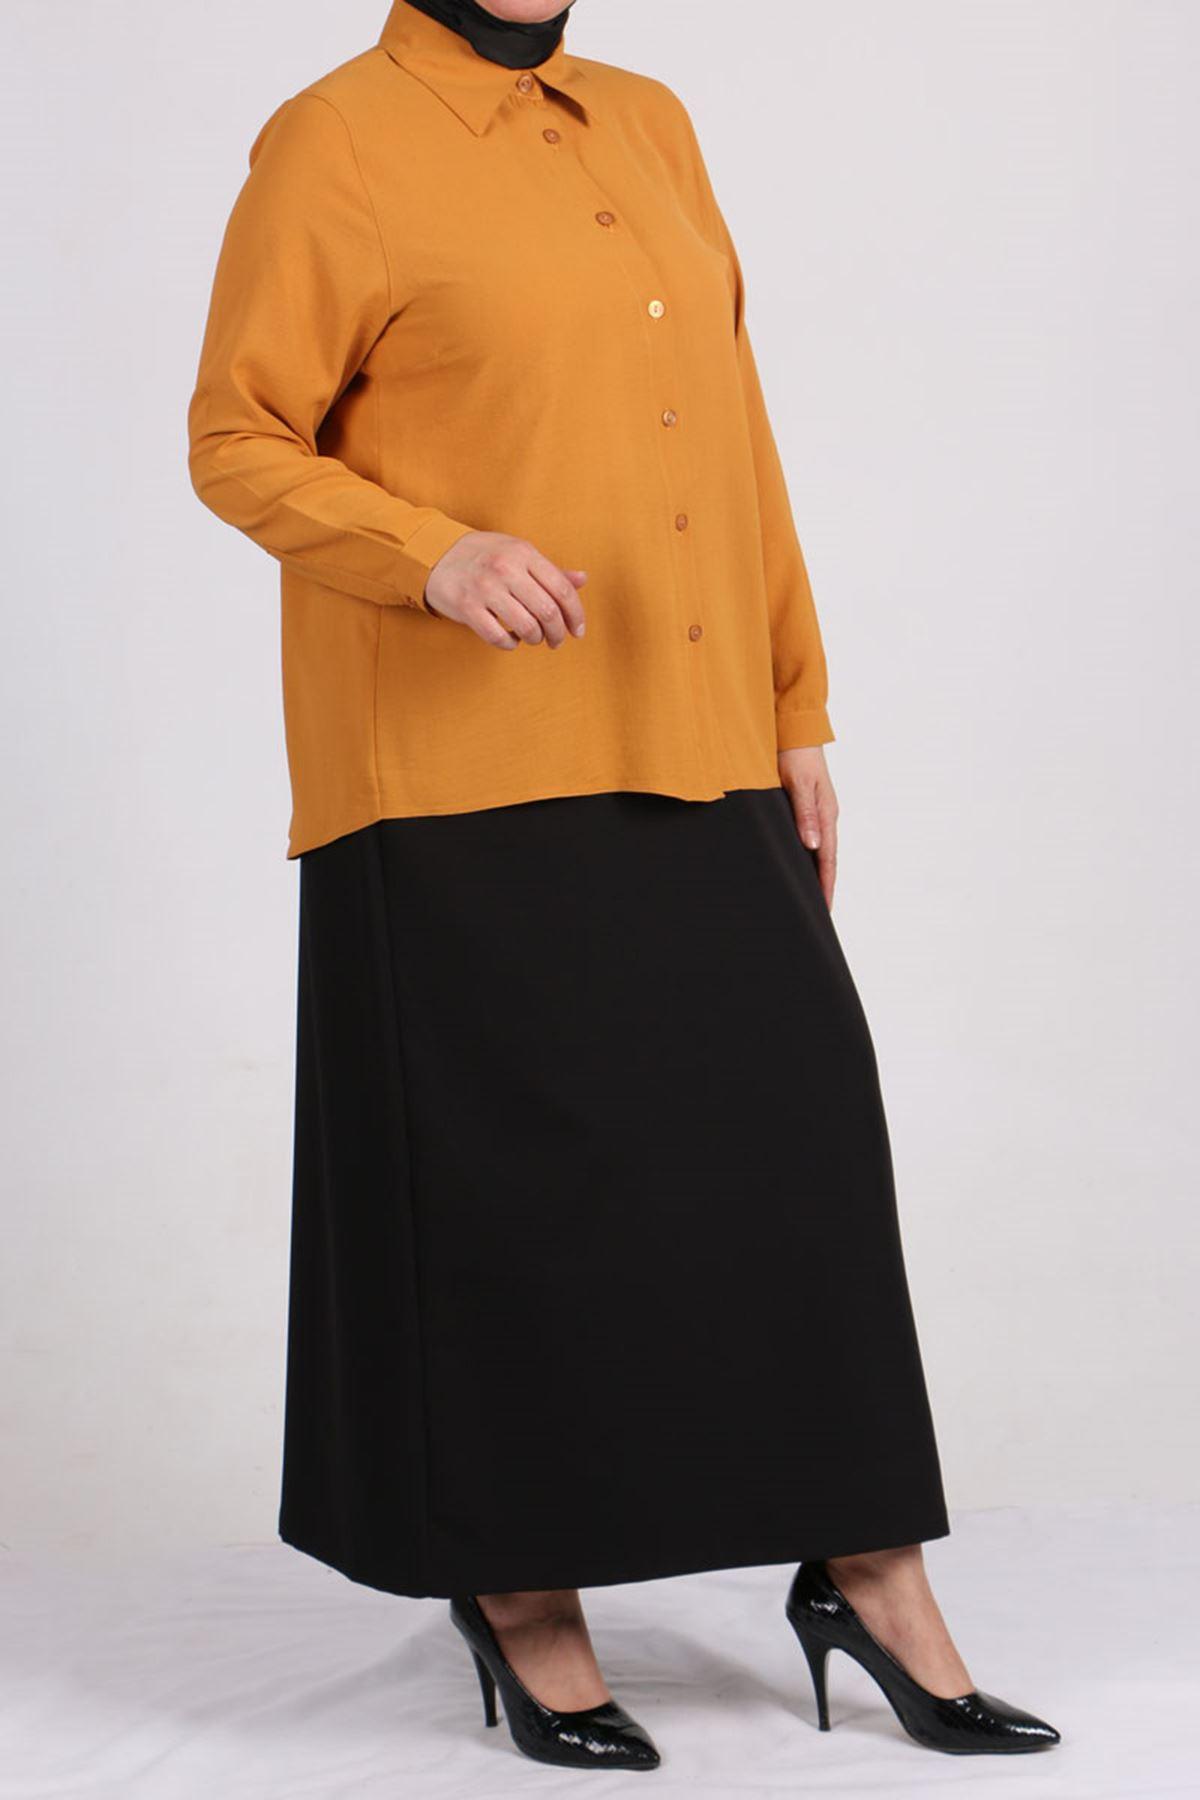 8449 Oversize Short Shirt - Mustard